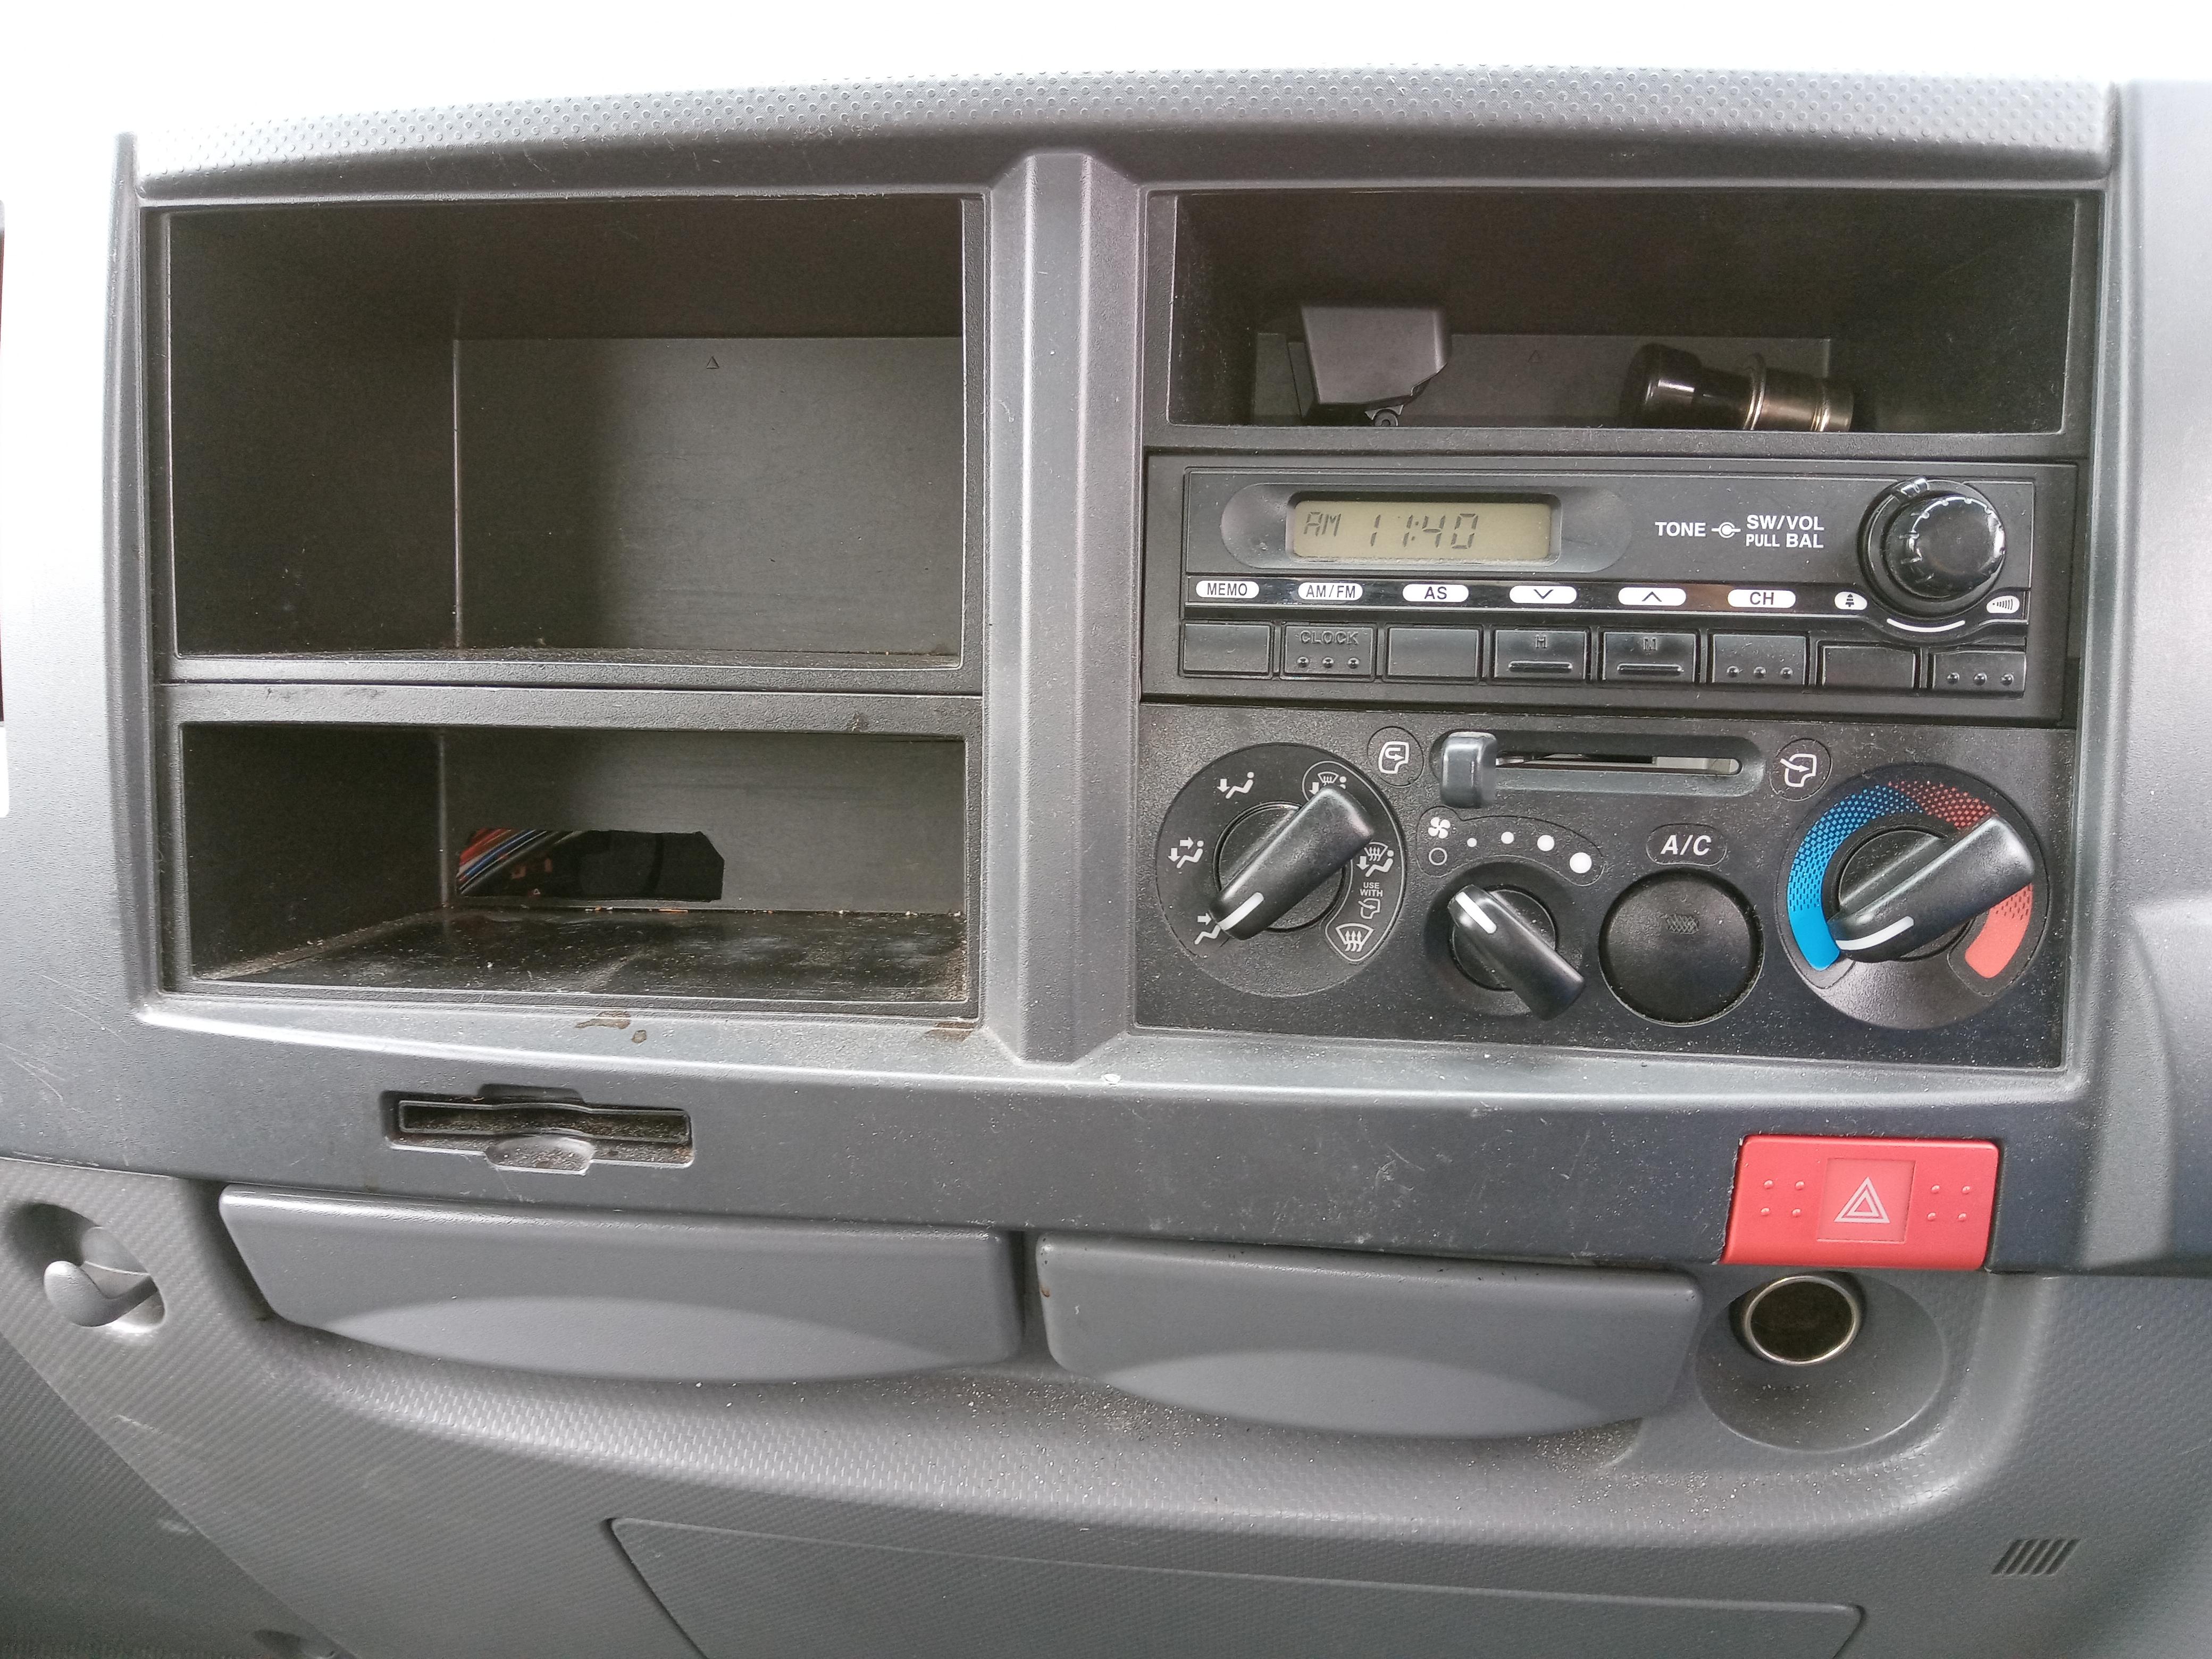 H25年 いすゞエルフ 標準 ドライバン 室内高2.04m 車検付き20